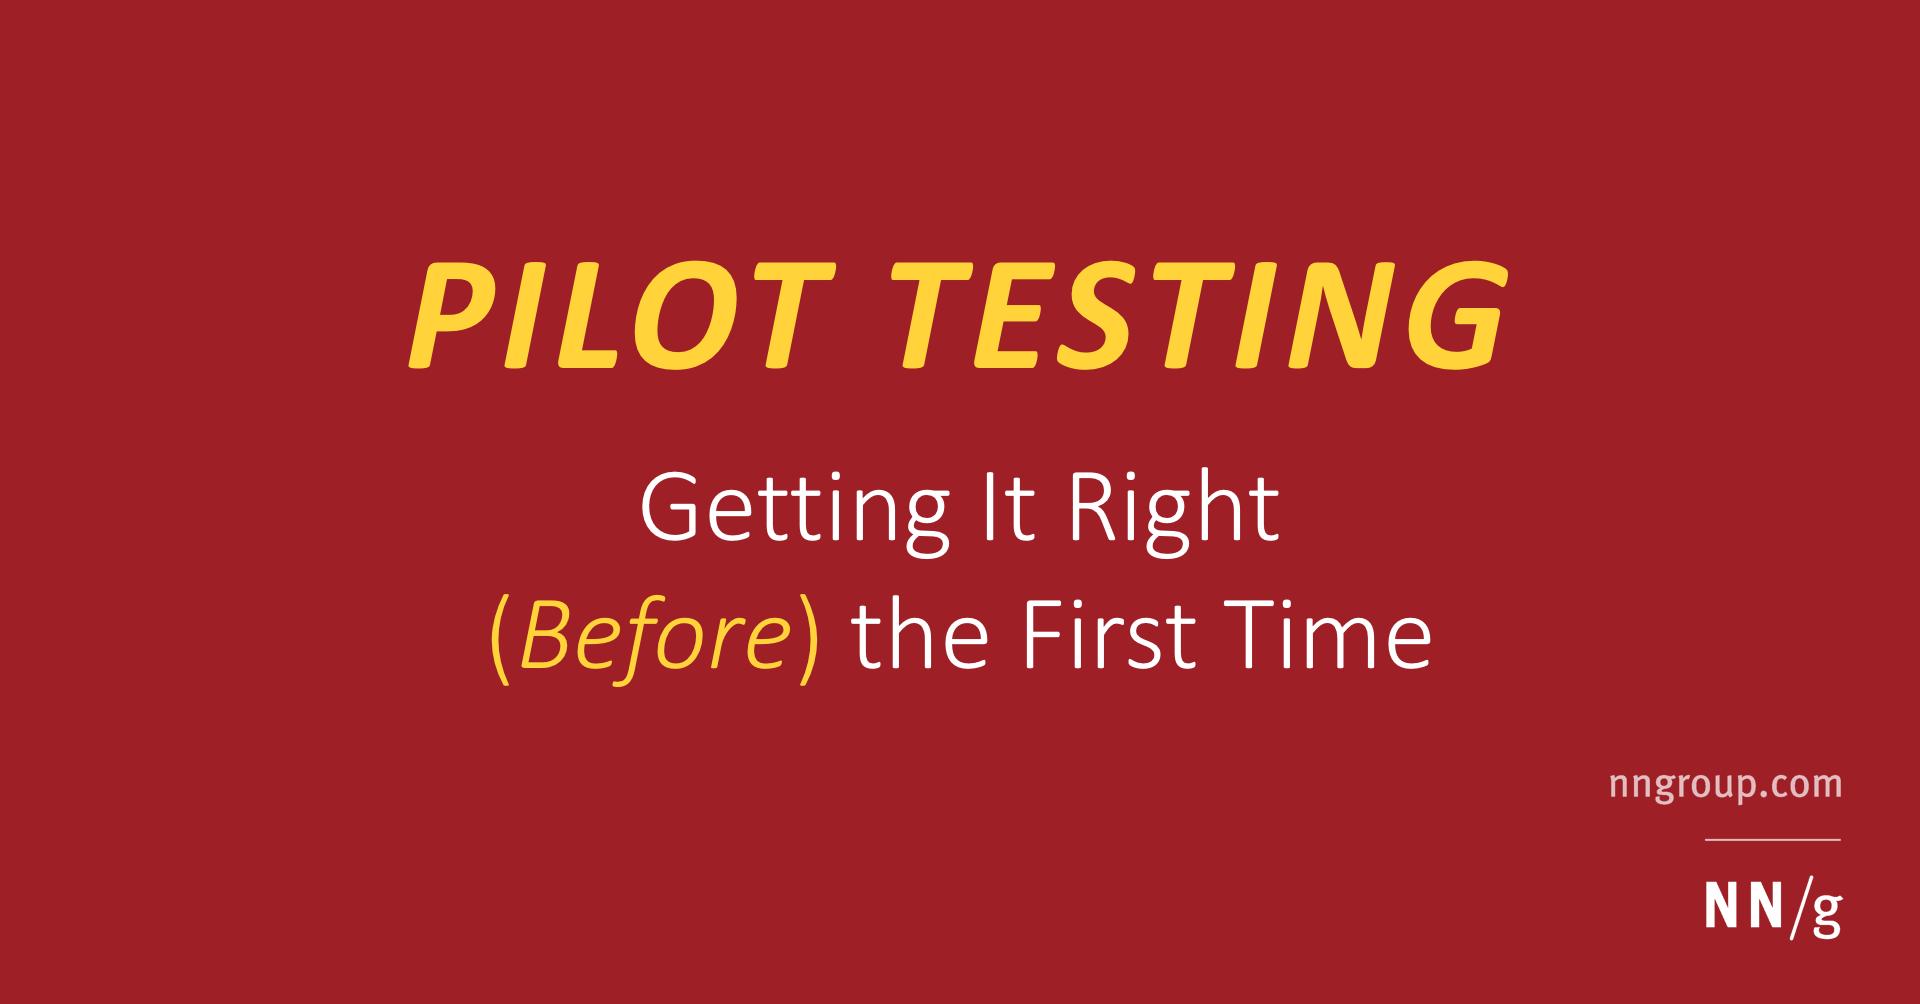 Pre testing pilot study design